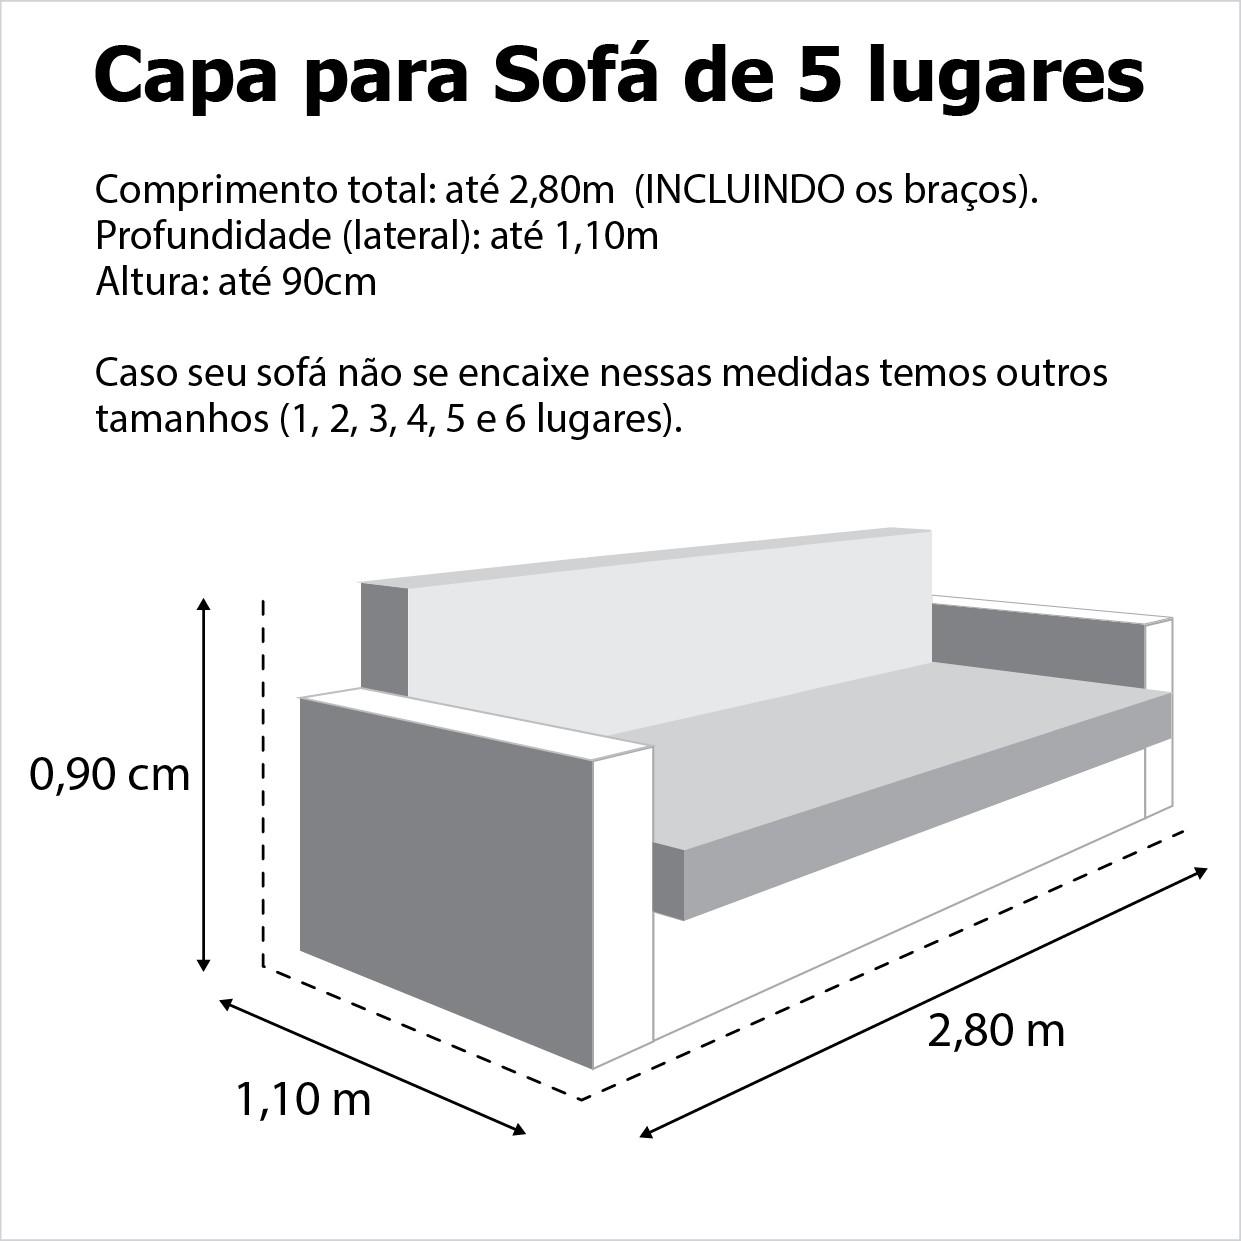 Capa p/ Sofá de 5 Lug BEGE em Brim